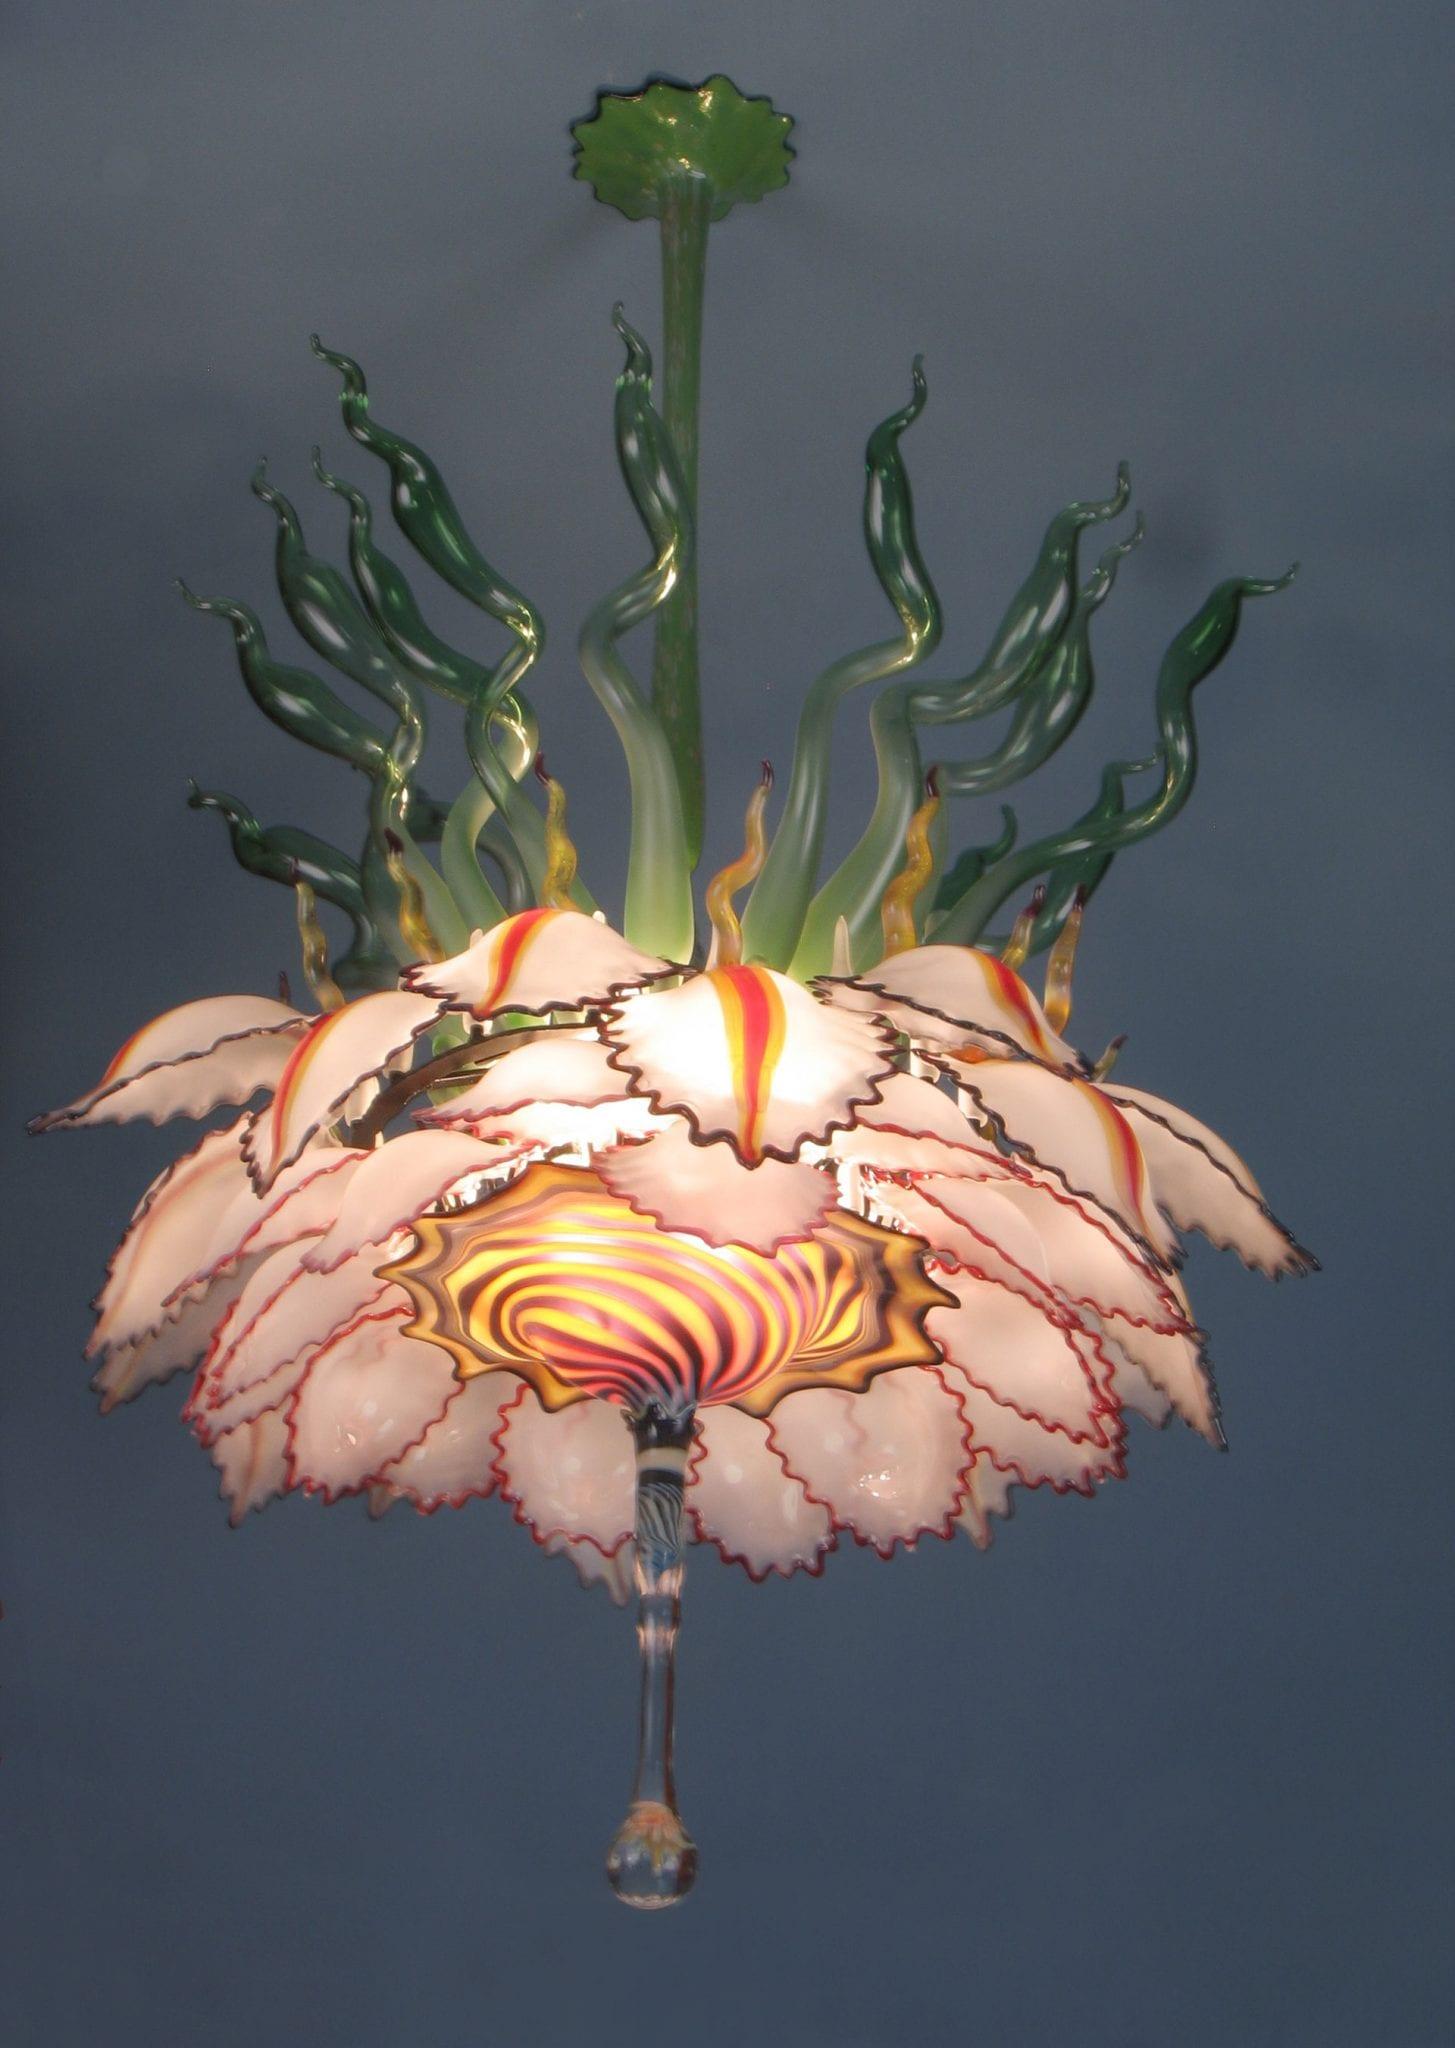 lotus-36h-x-24w